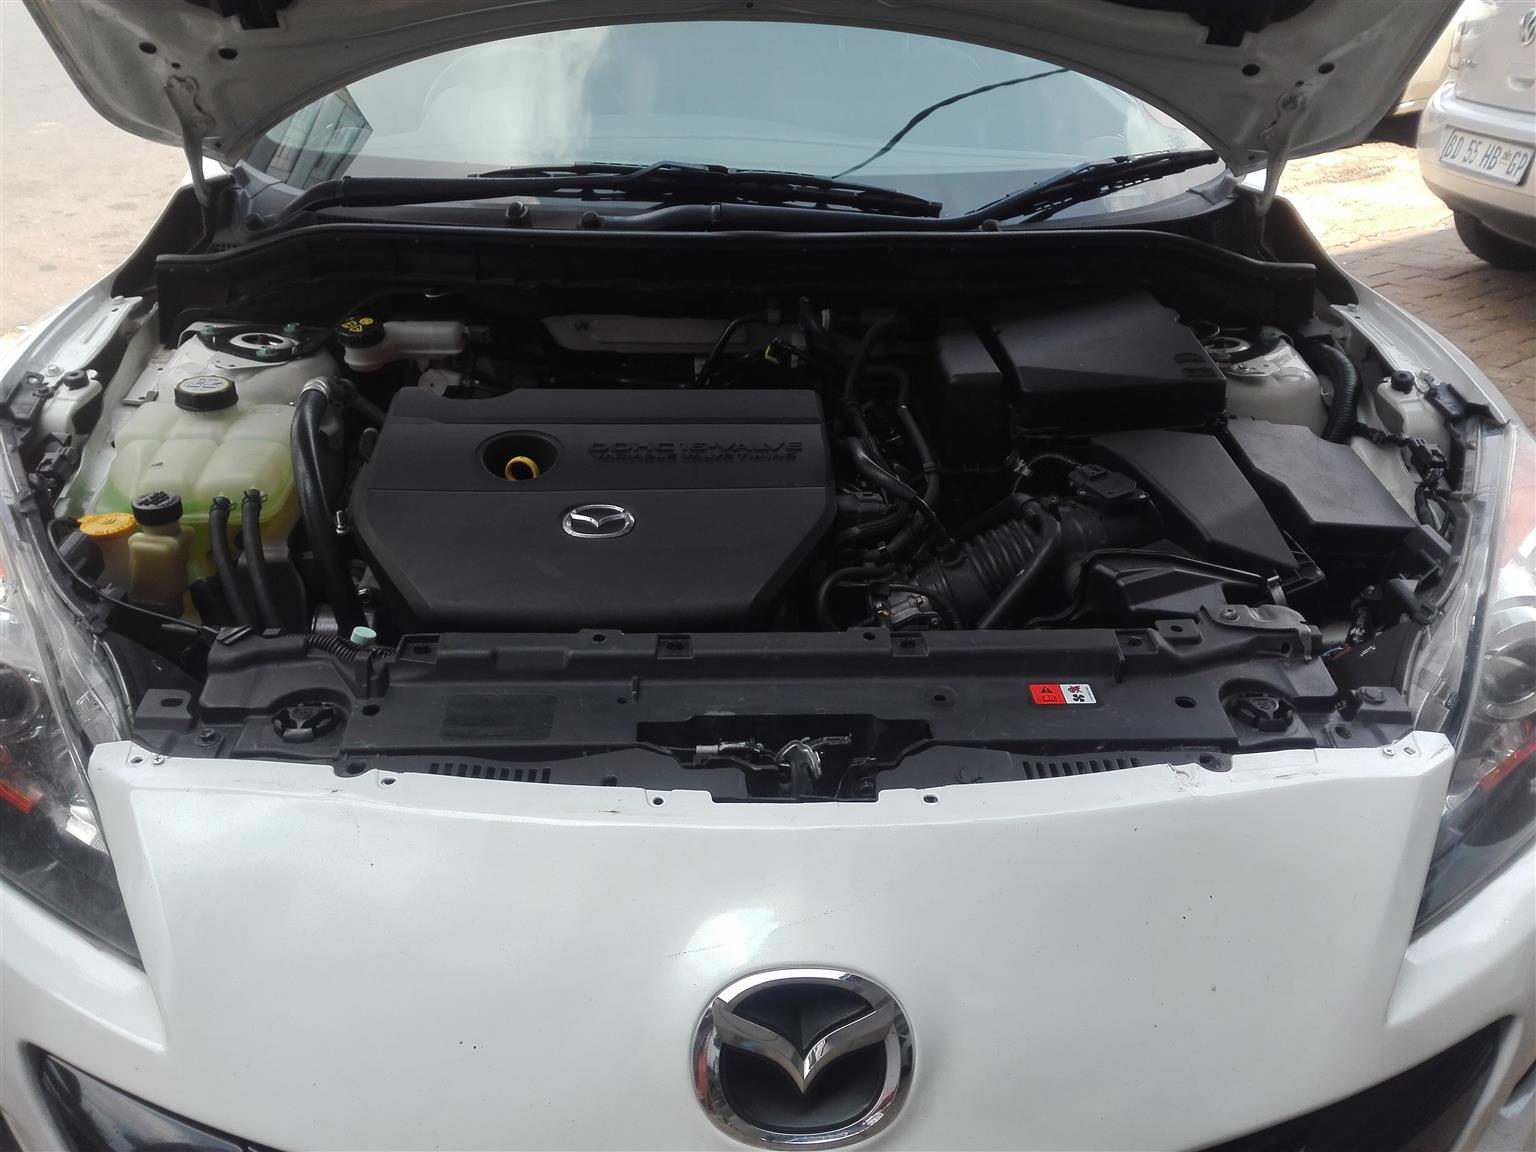 2015 Mazda 3 Mazda 2.0 Dynamic